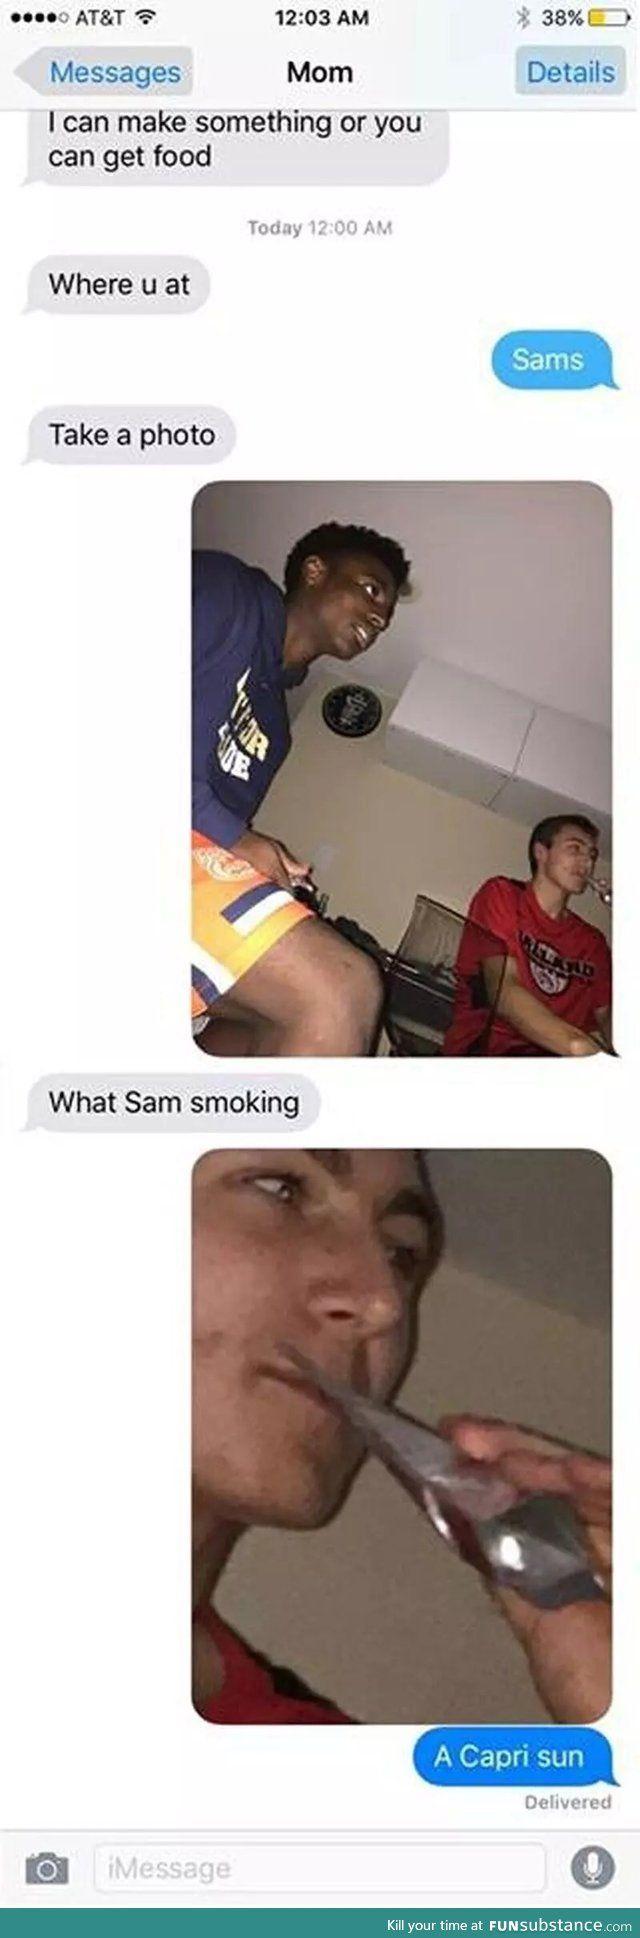 He's smoking a Capri sun